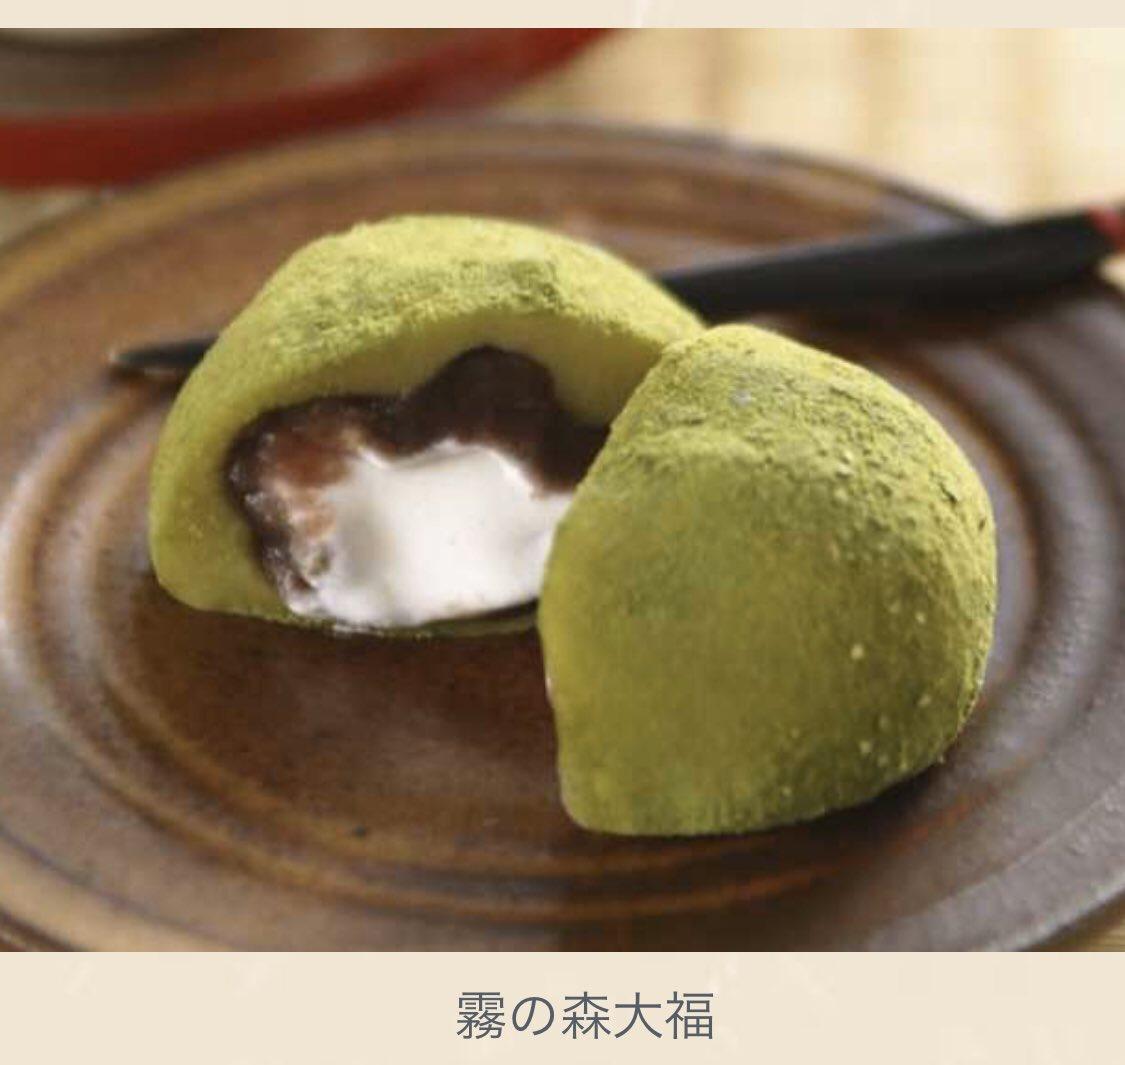 test ツイッターメディア - @GANAPATI00 わたし、愛媛産なので四国の美味いものには敏感😁 今度、機会があったら霧の森大福をお土産にいただいてください✨ 人気過ぎてお取り寄せは抽選販売なん😅 https://t.co/ZHRkYtIF8J